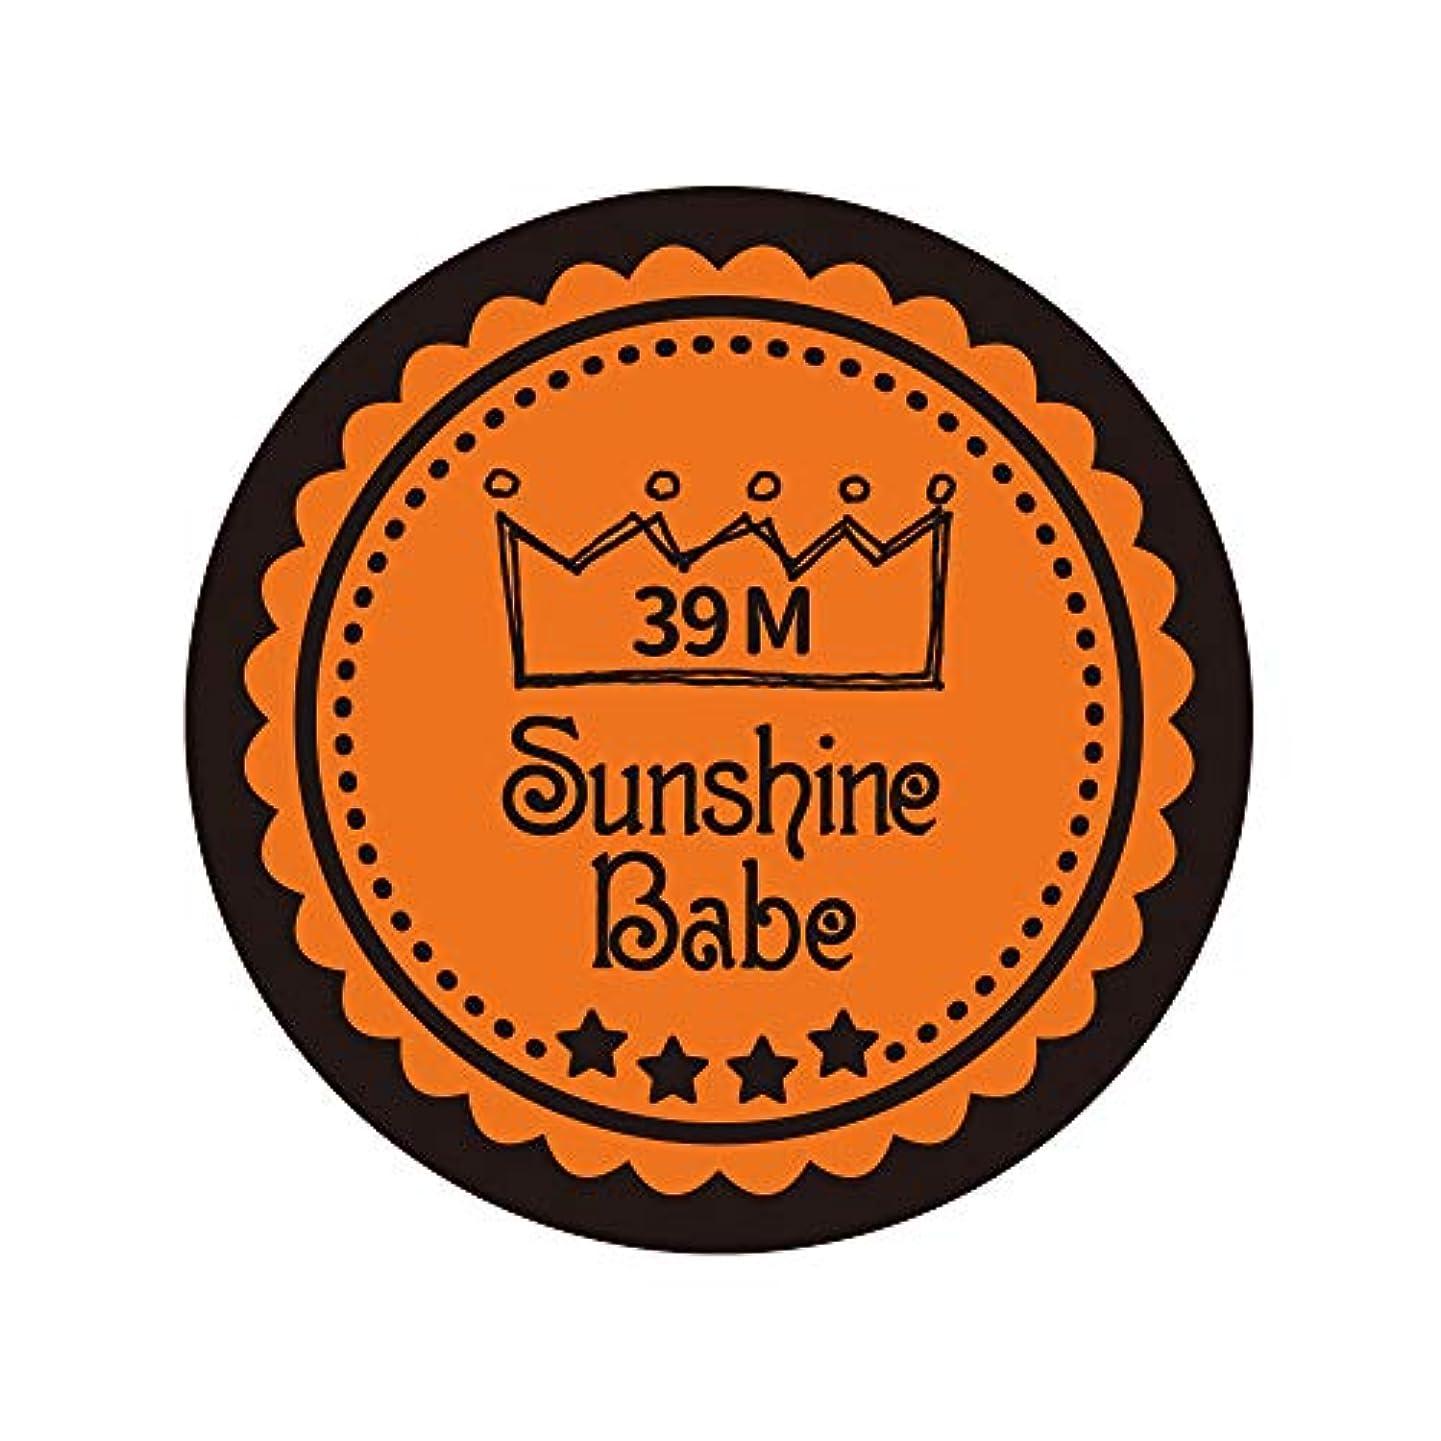 説教する曲線ケージSunshine Babe カラージェル 39M ラセットオレンジ 2.7g UV/LED対応